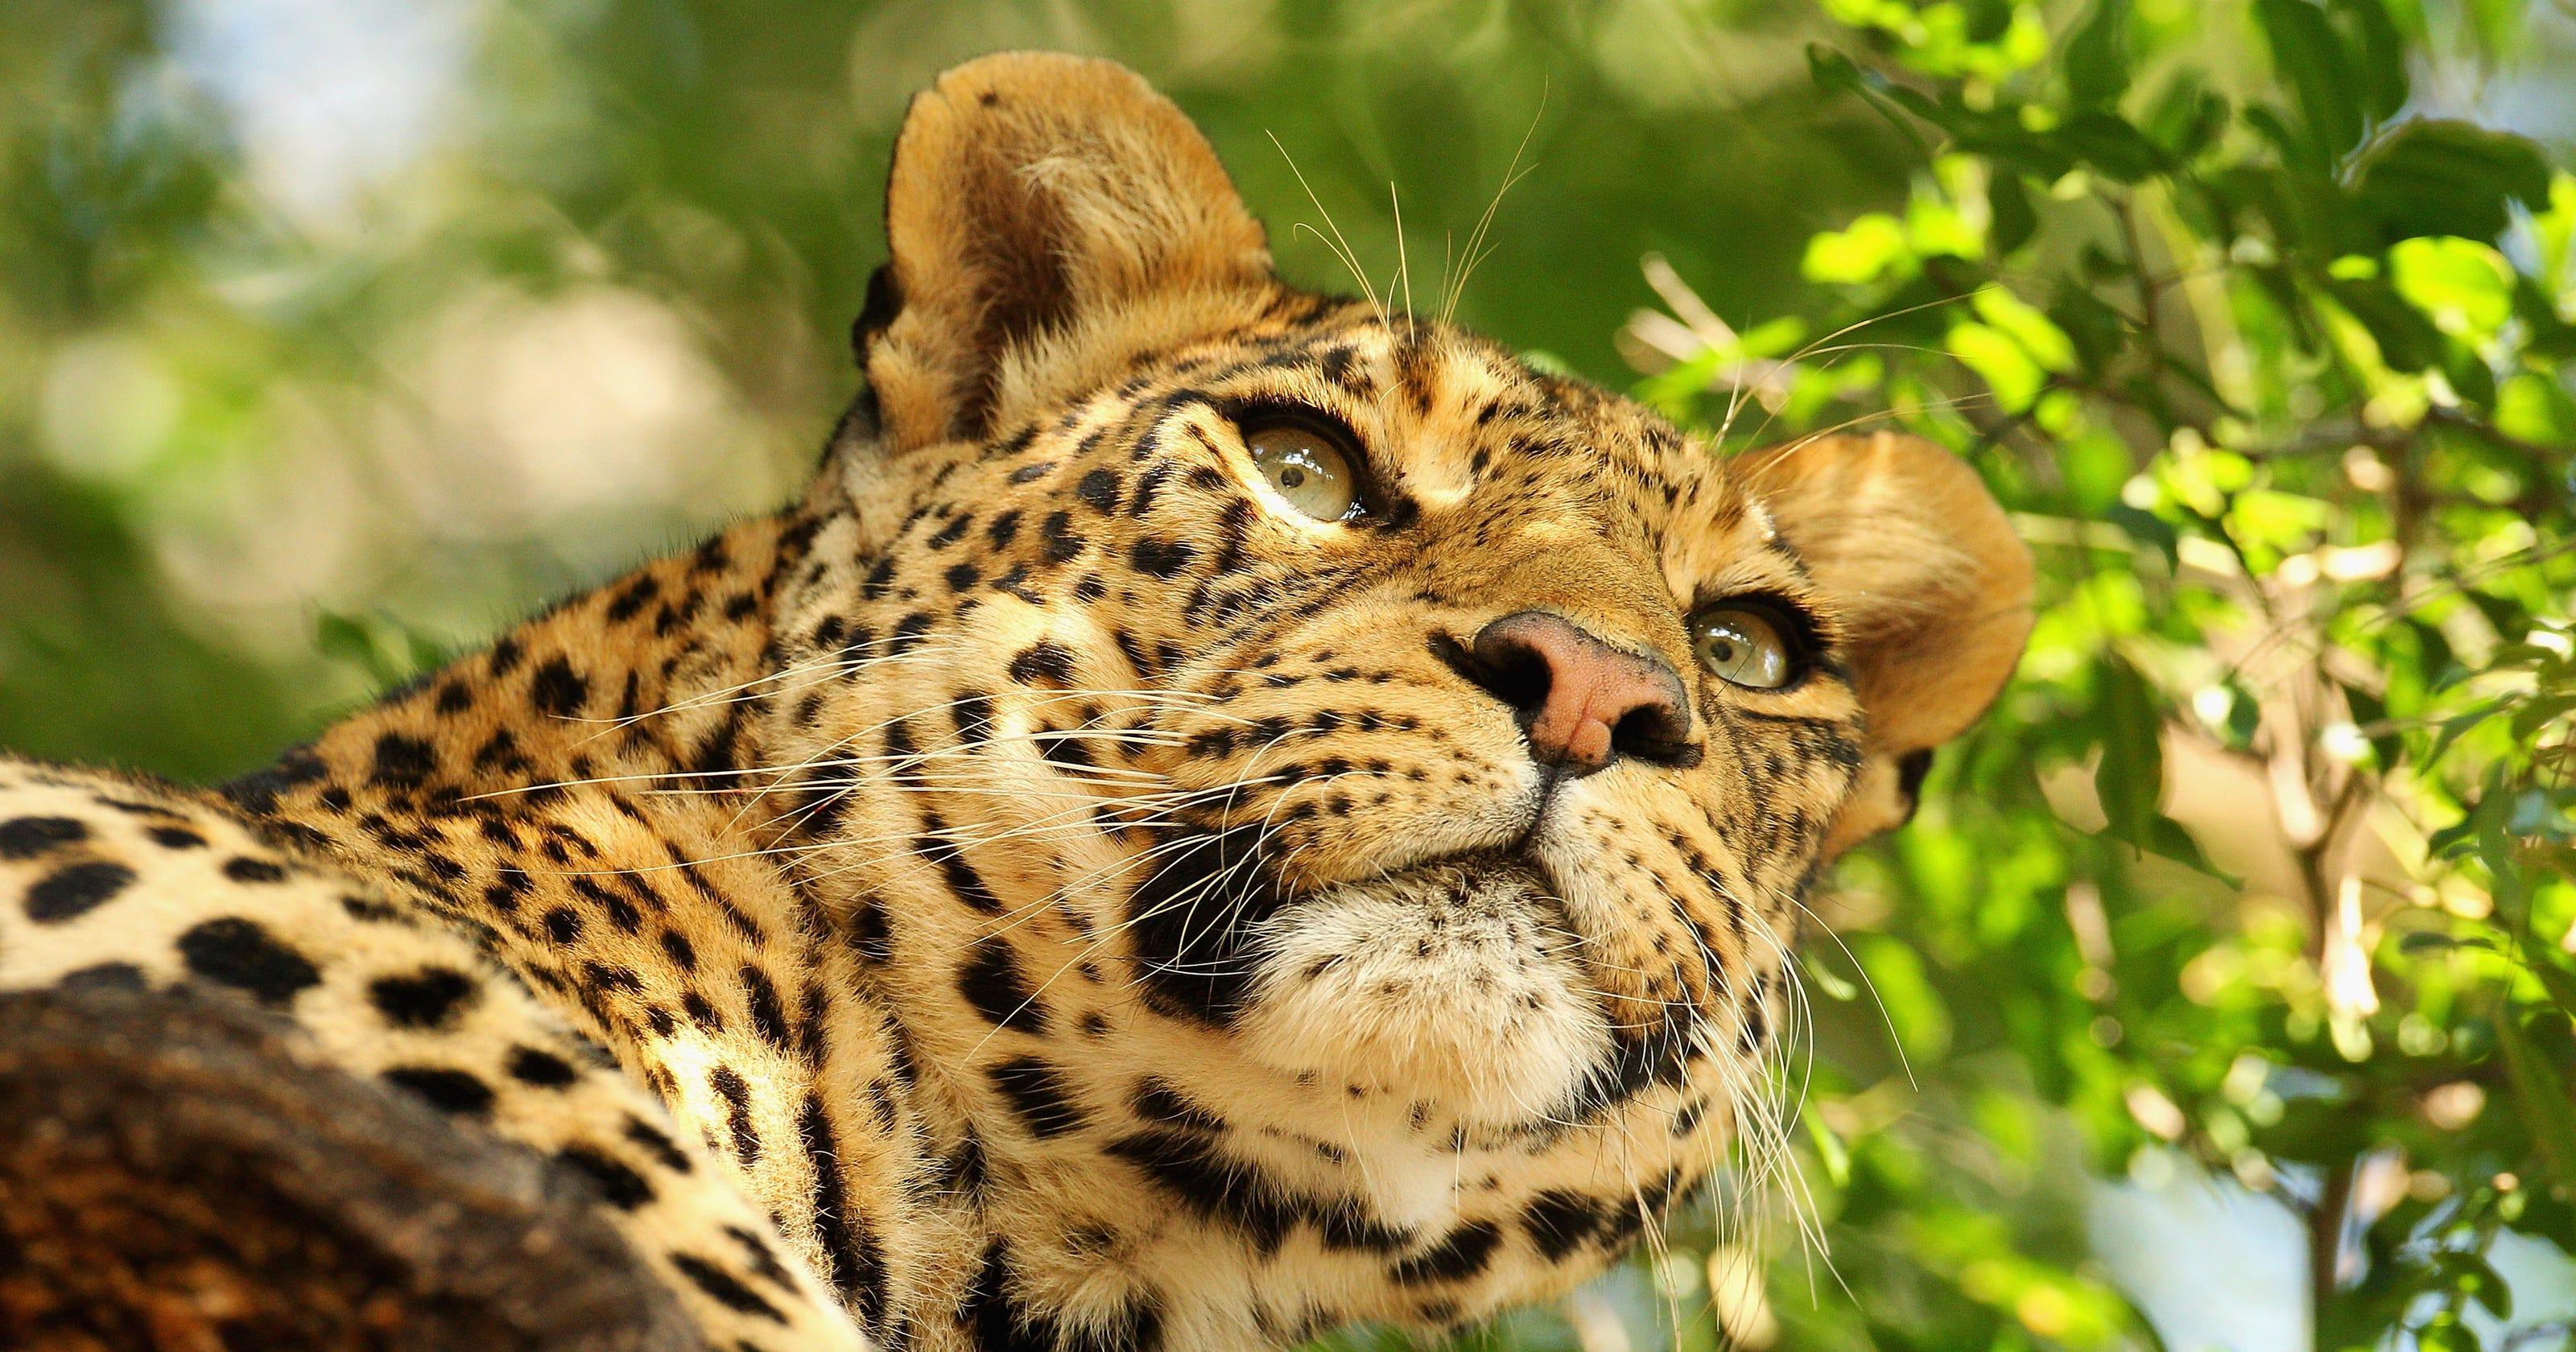 Leopard grabs, kills toddler in Uganda national park